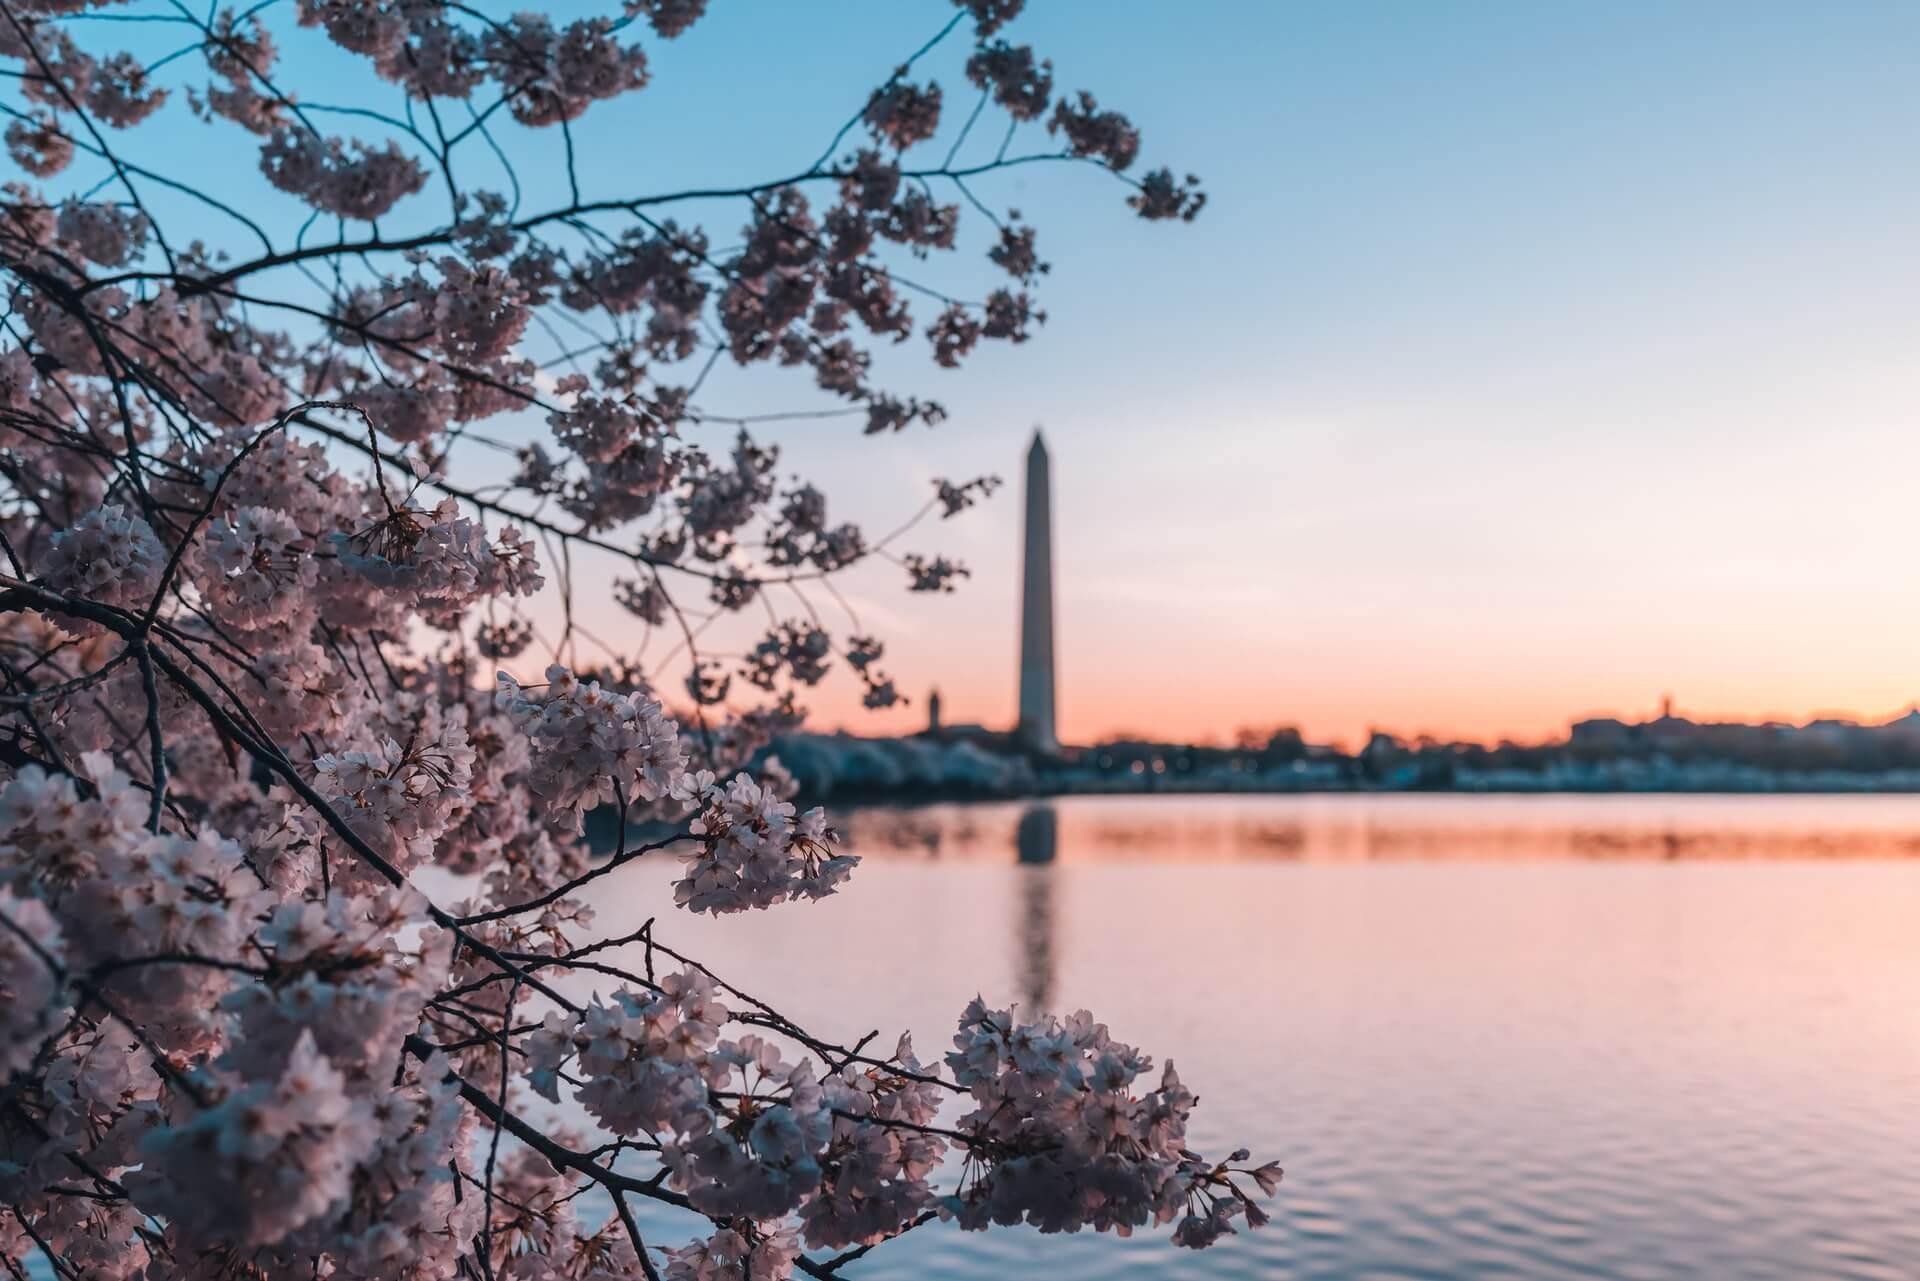 Cabins in Washington DC